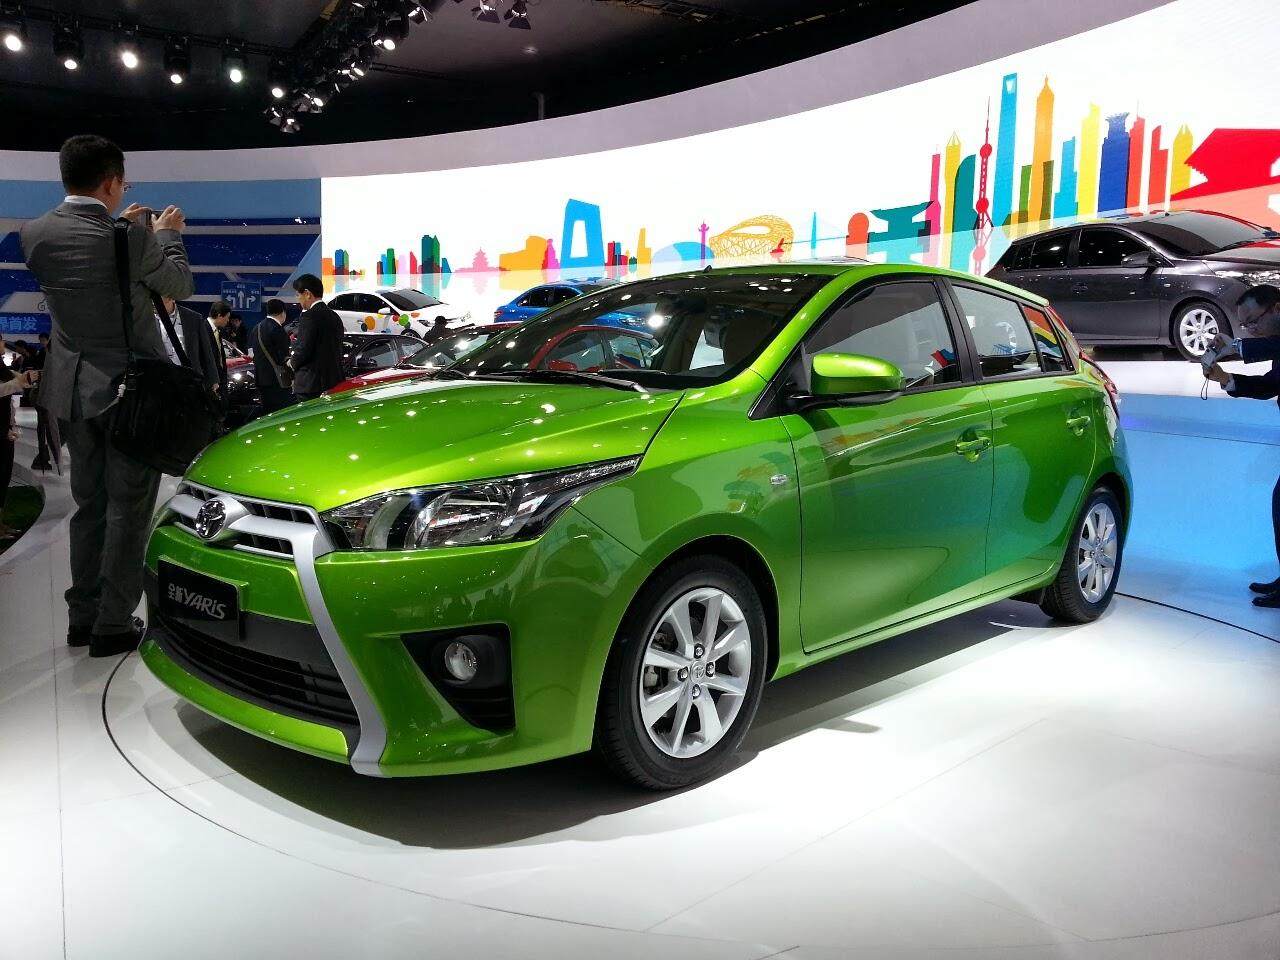 spesifikasi all new yaris trd 2014 camry 2019 malaysia mobil motor terbaru harga review